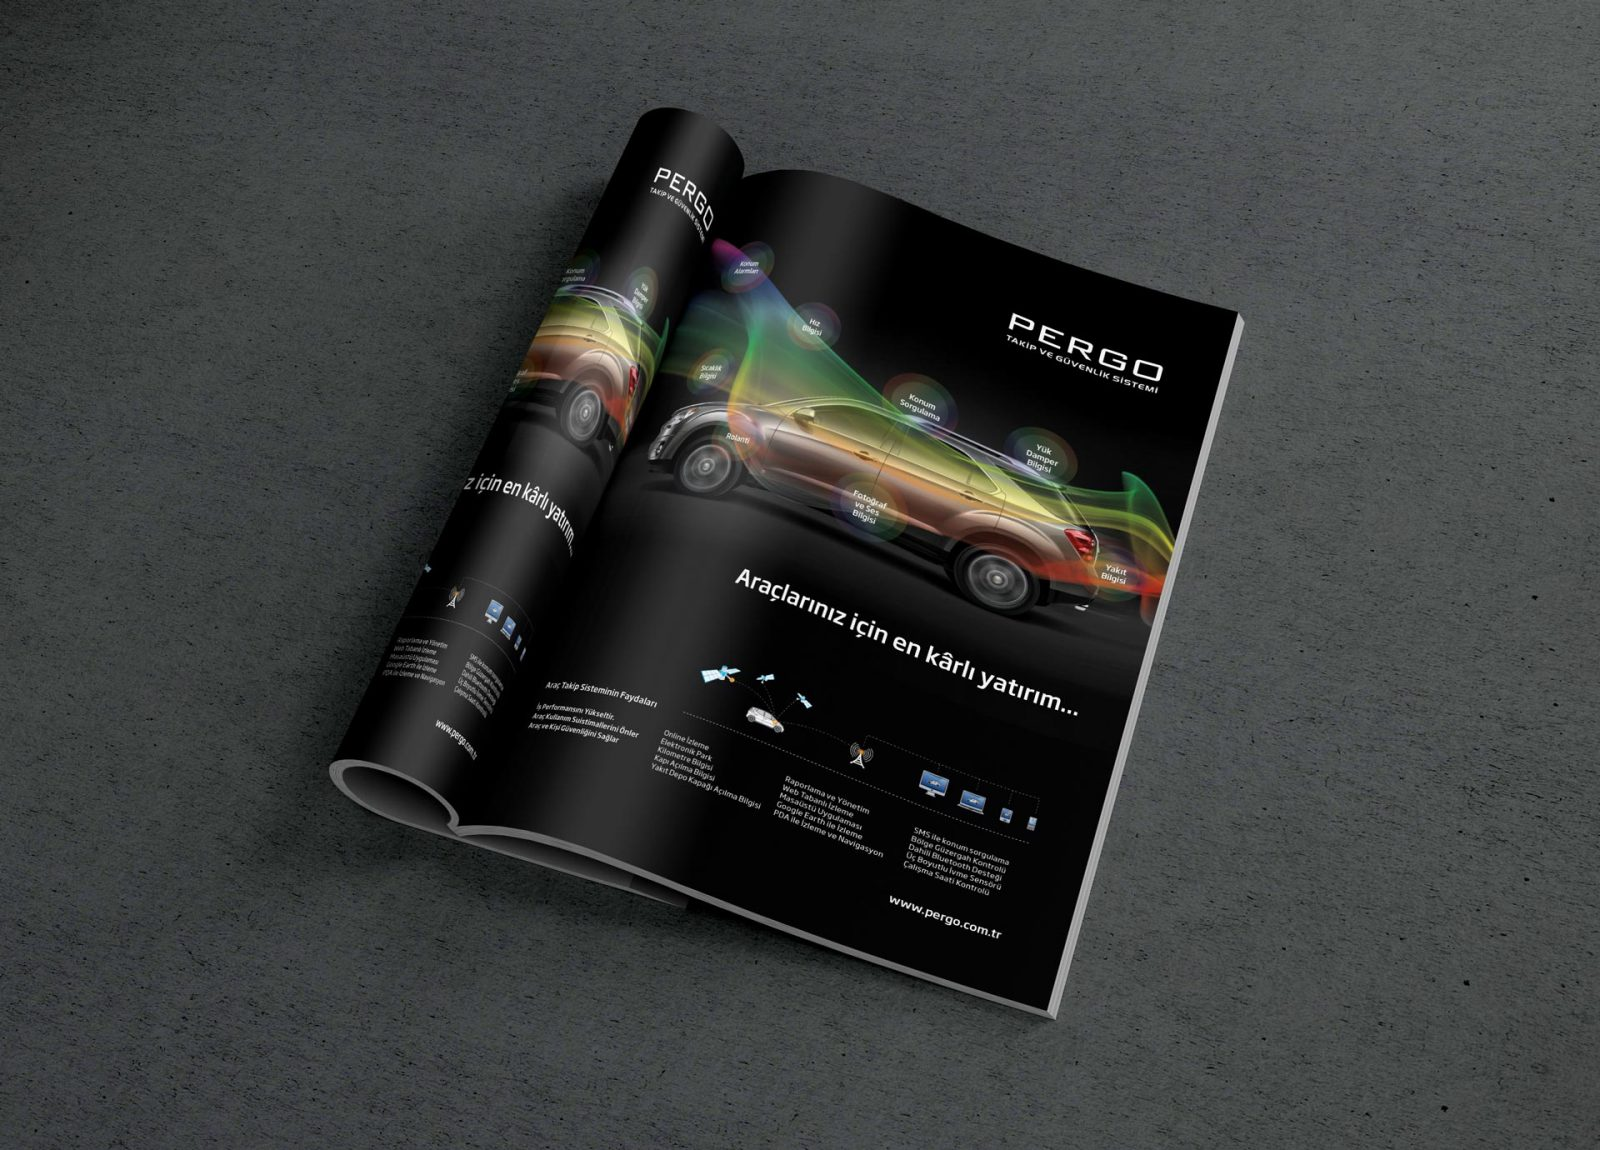 pergo dergi reklam sayfası tasarımı